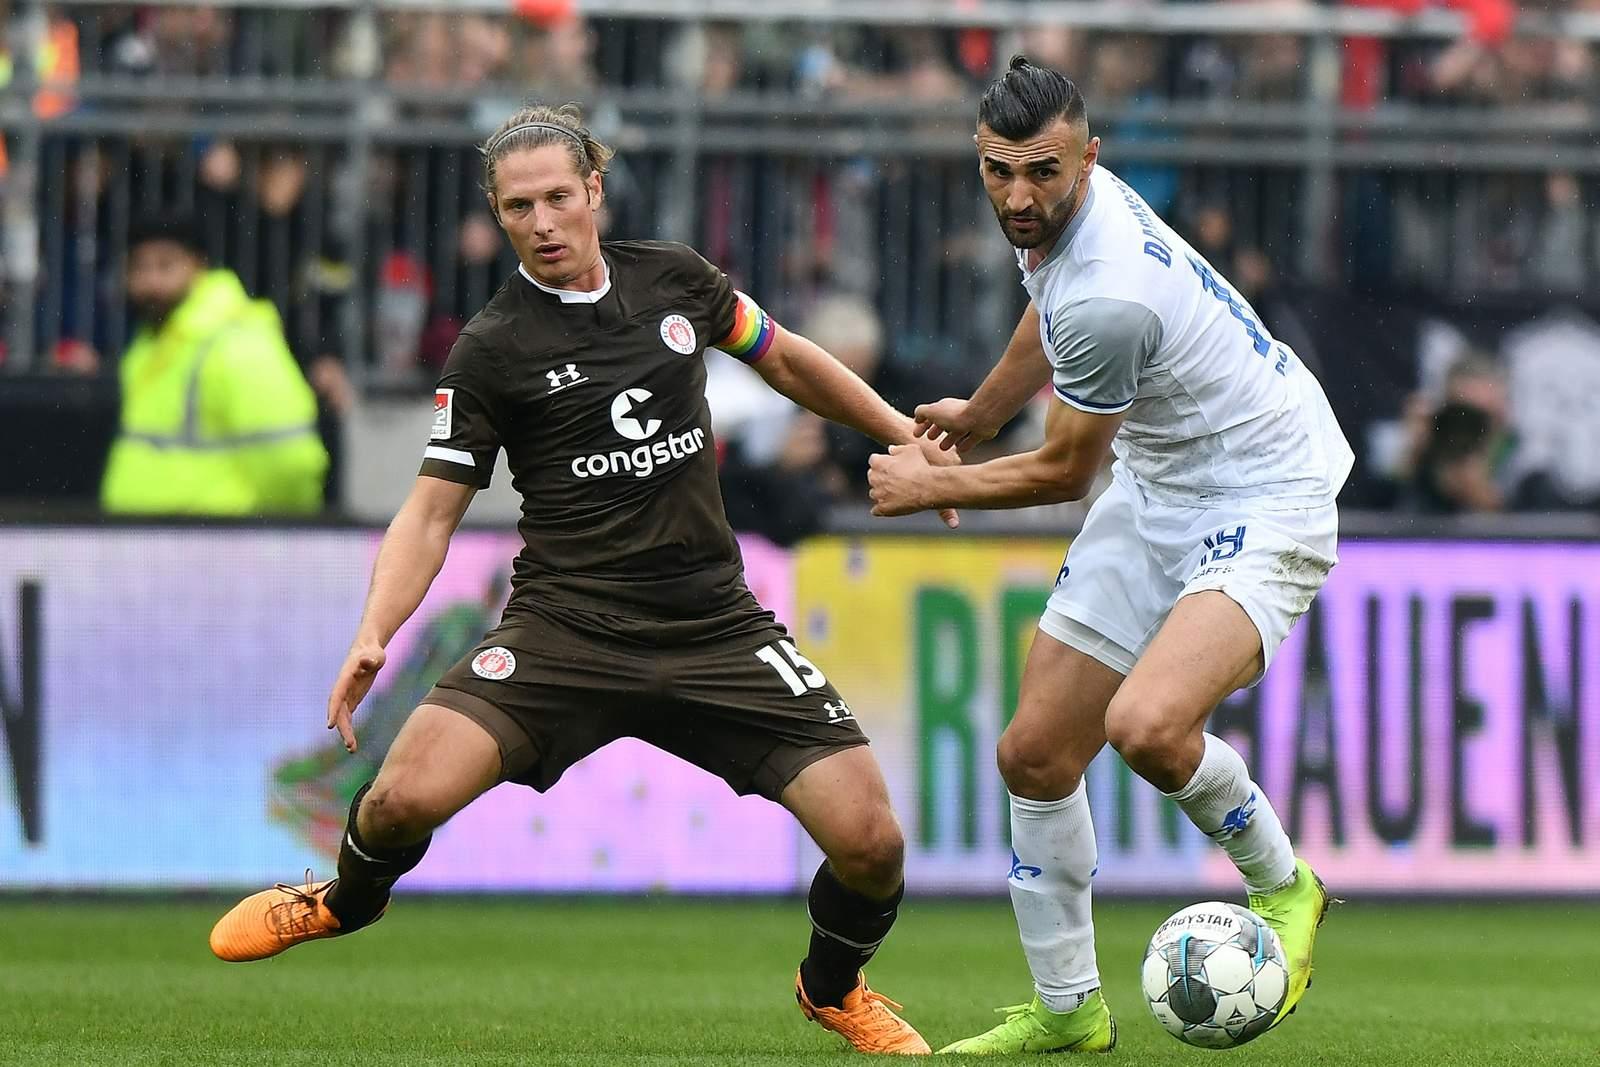 Daniel Buballa vom FC St. Pauli gegen Serdar Dursun von Darmstadt 98